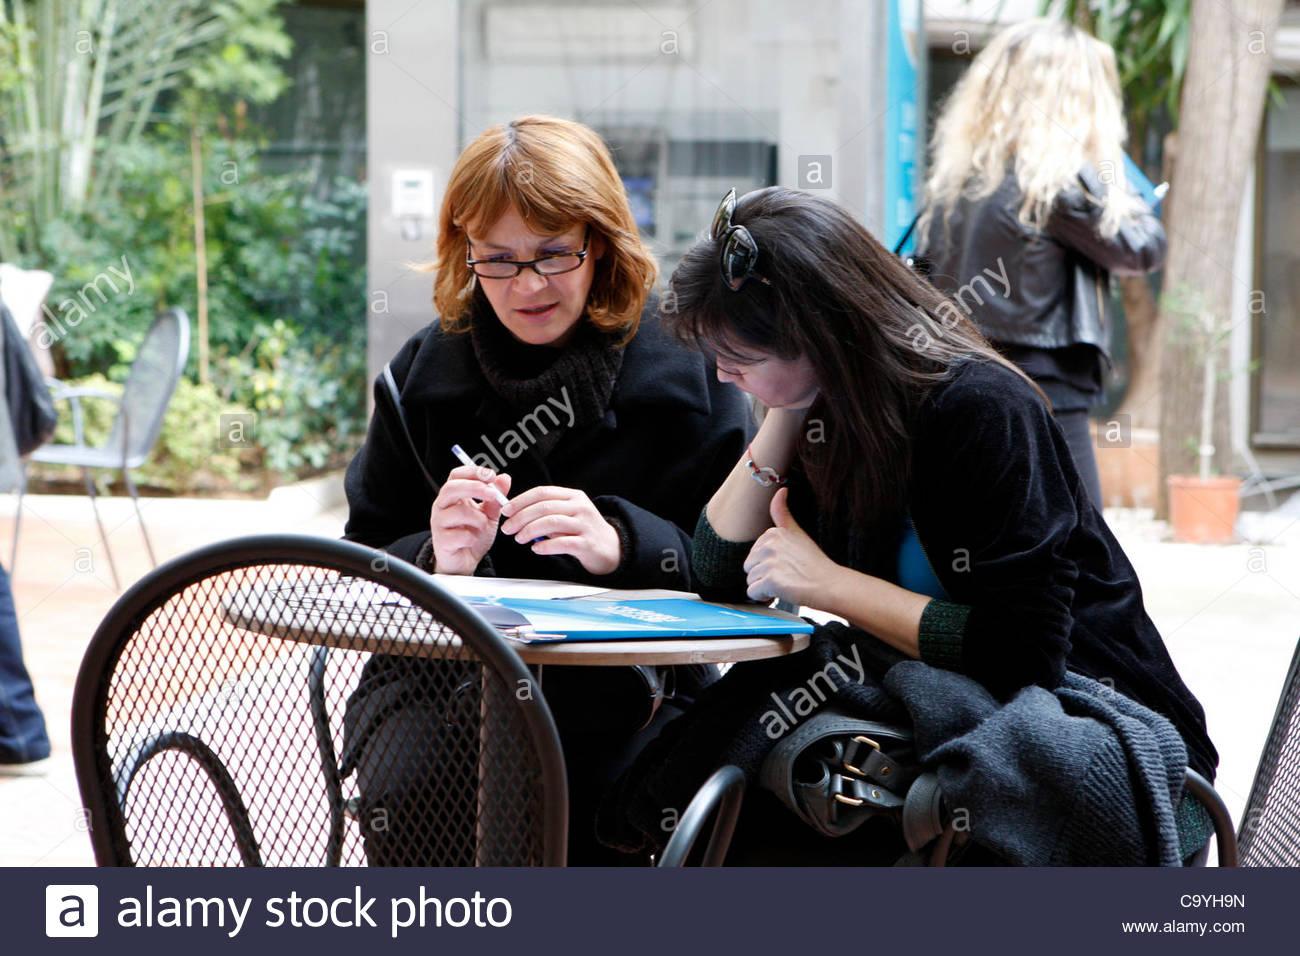 8 mars 2012 - Athènes, Grèce - les femmes qui travaillent ...